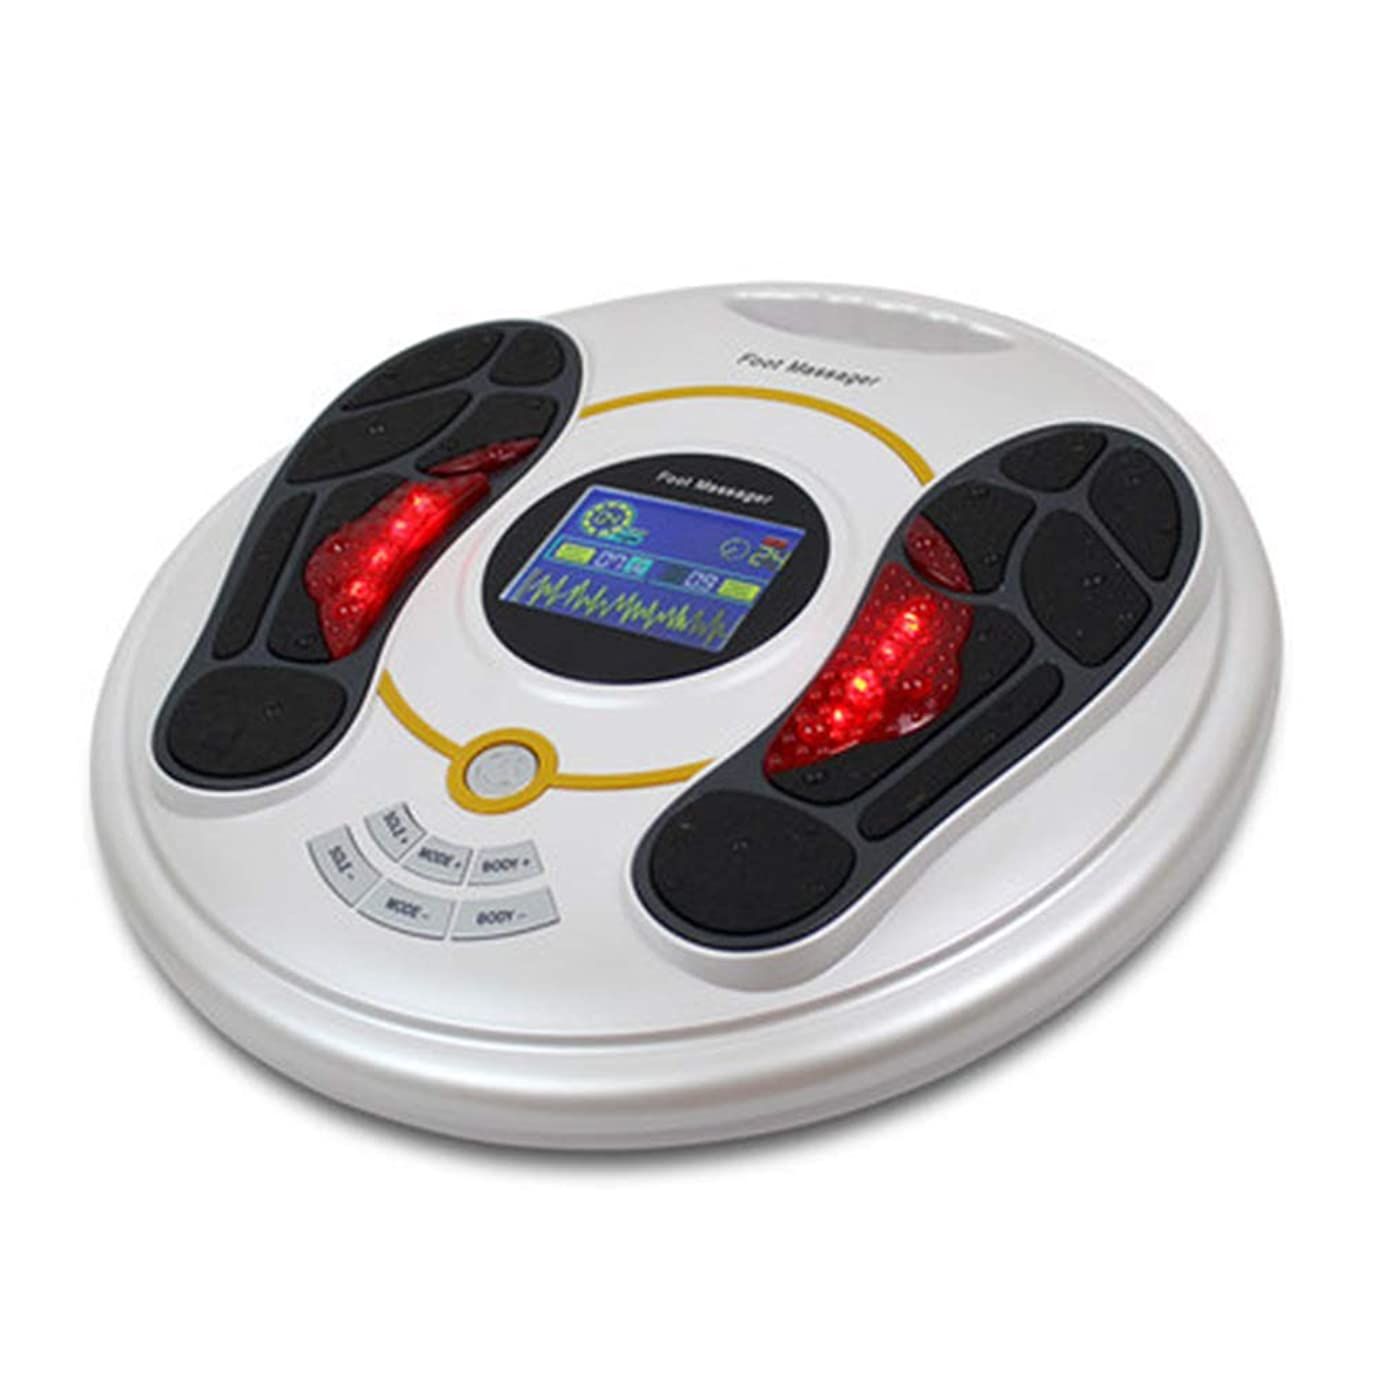 トラフ一致原理電磁石の足のマッサージャー、指圧ボディマッサージャーの循環のマッサージャーは血循環療法の苦痛救助を刺激するために後押しします。, white